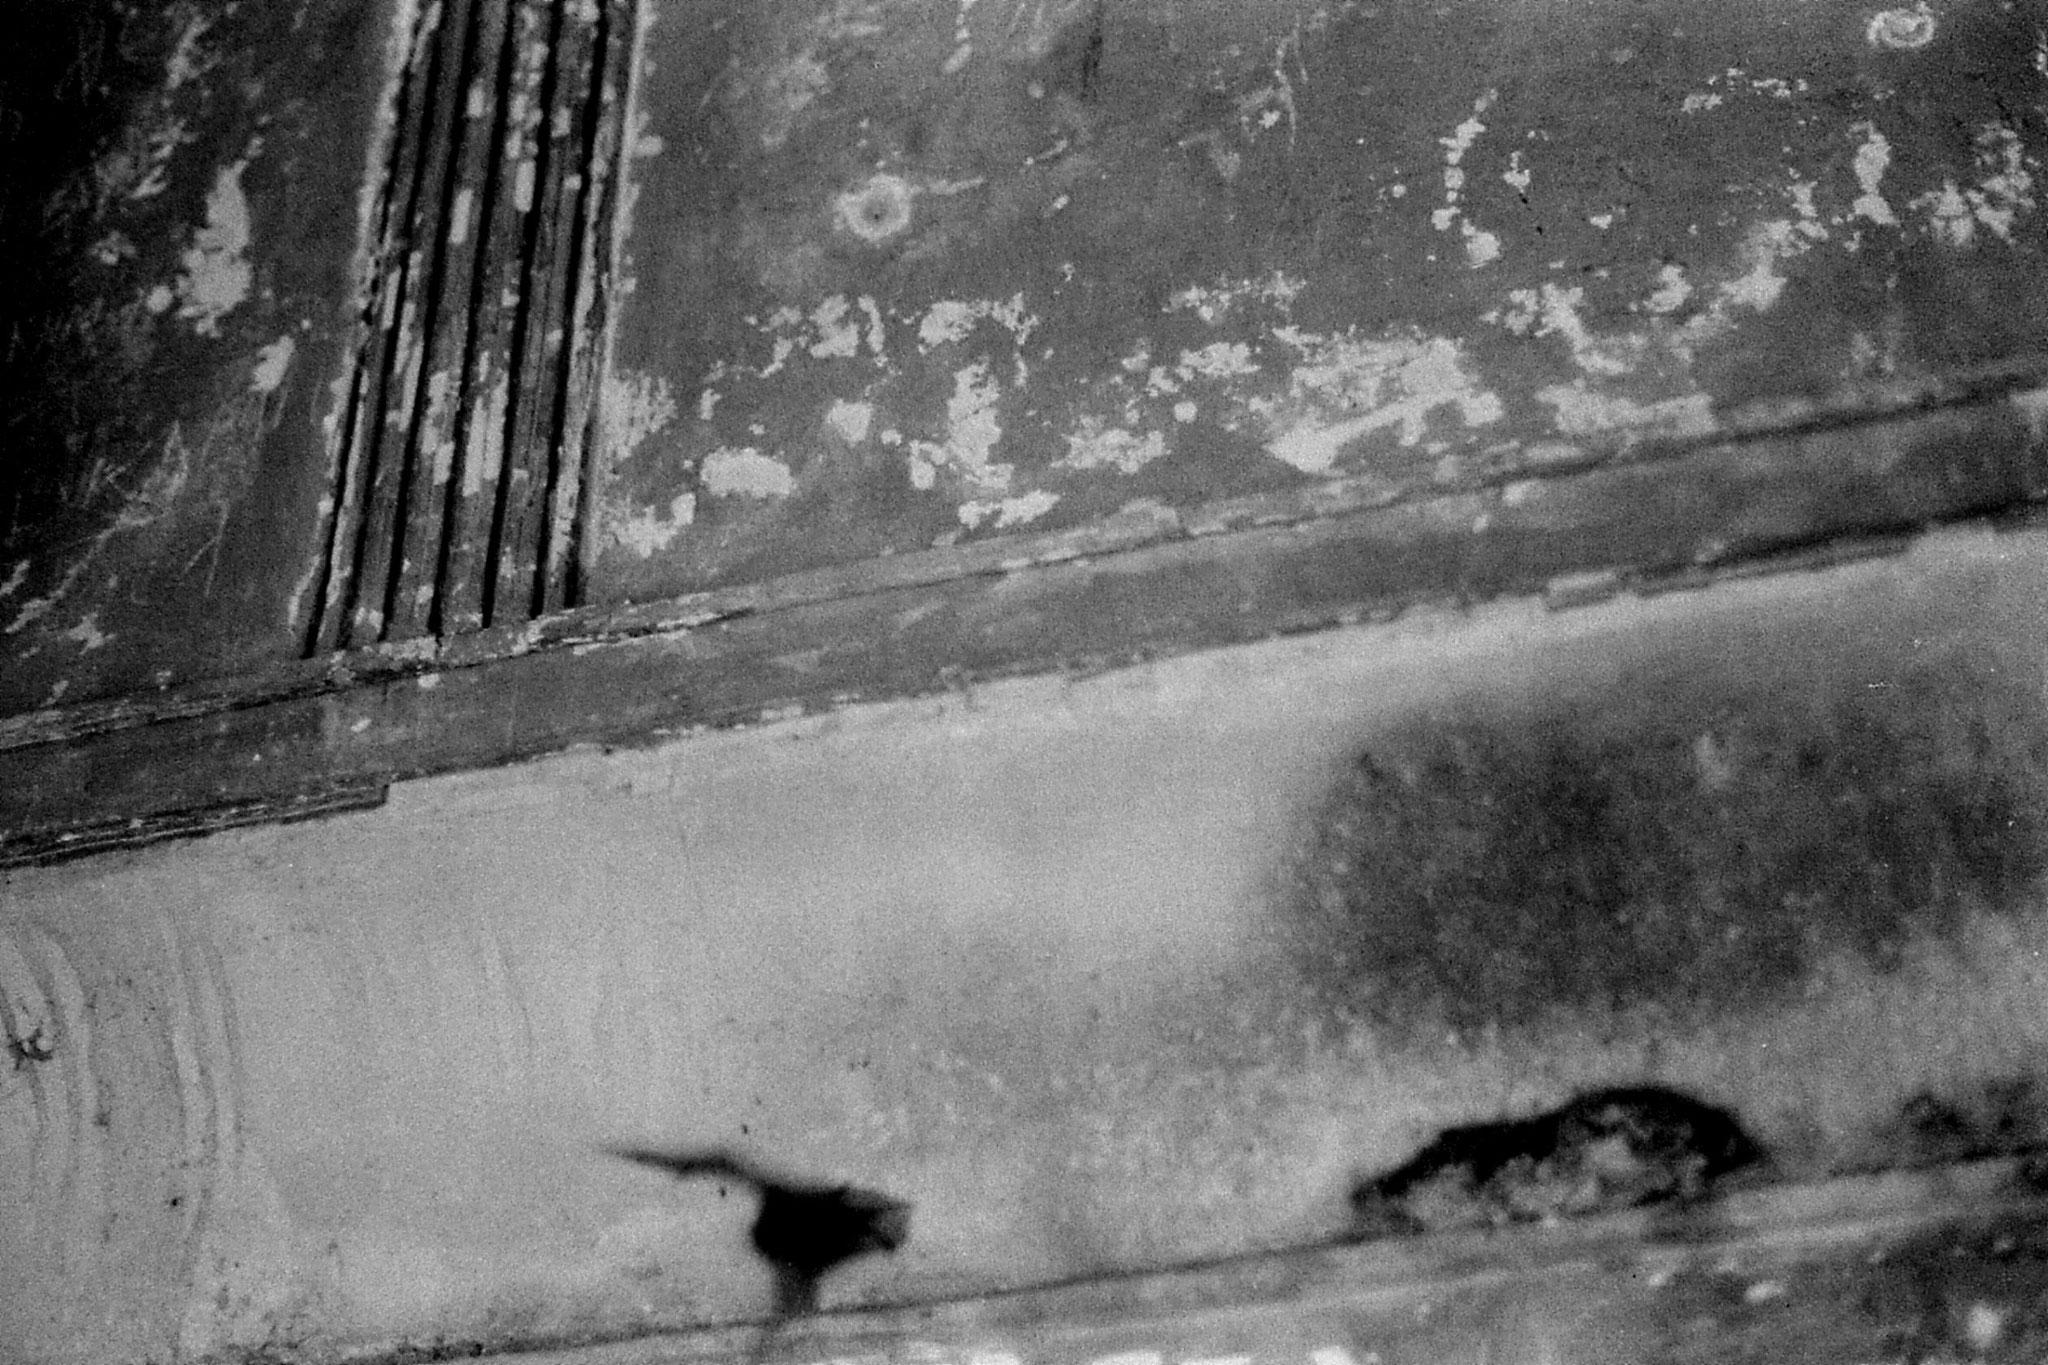 20/11/1989: 15: New Delhi Red Fort bat